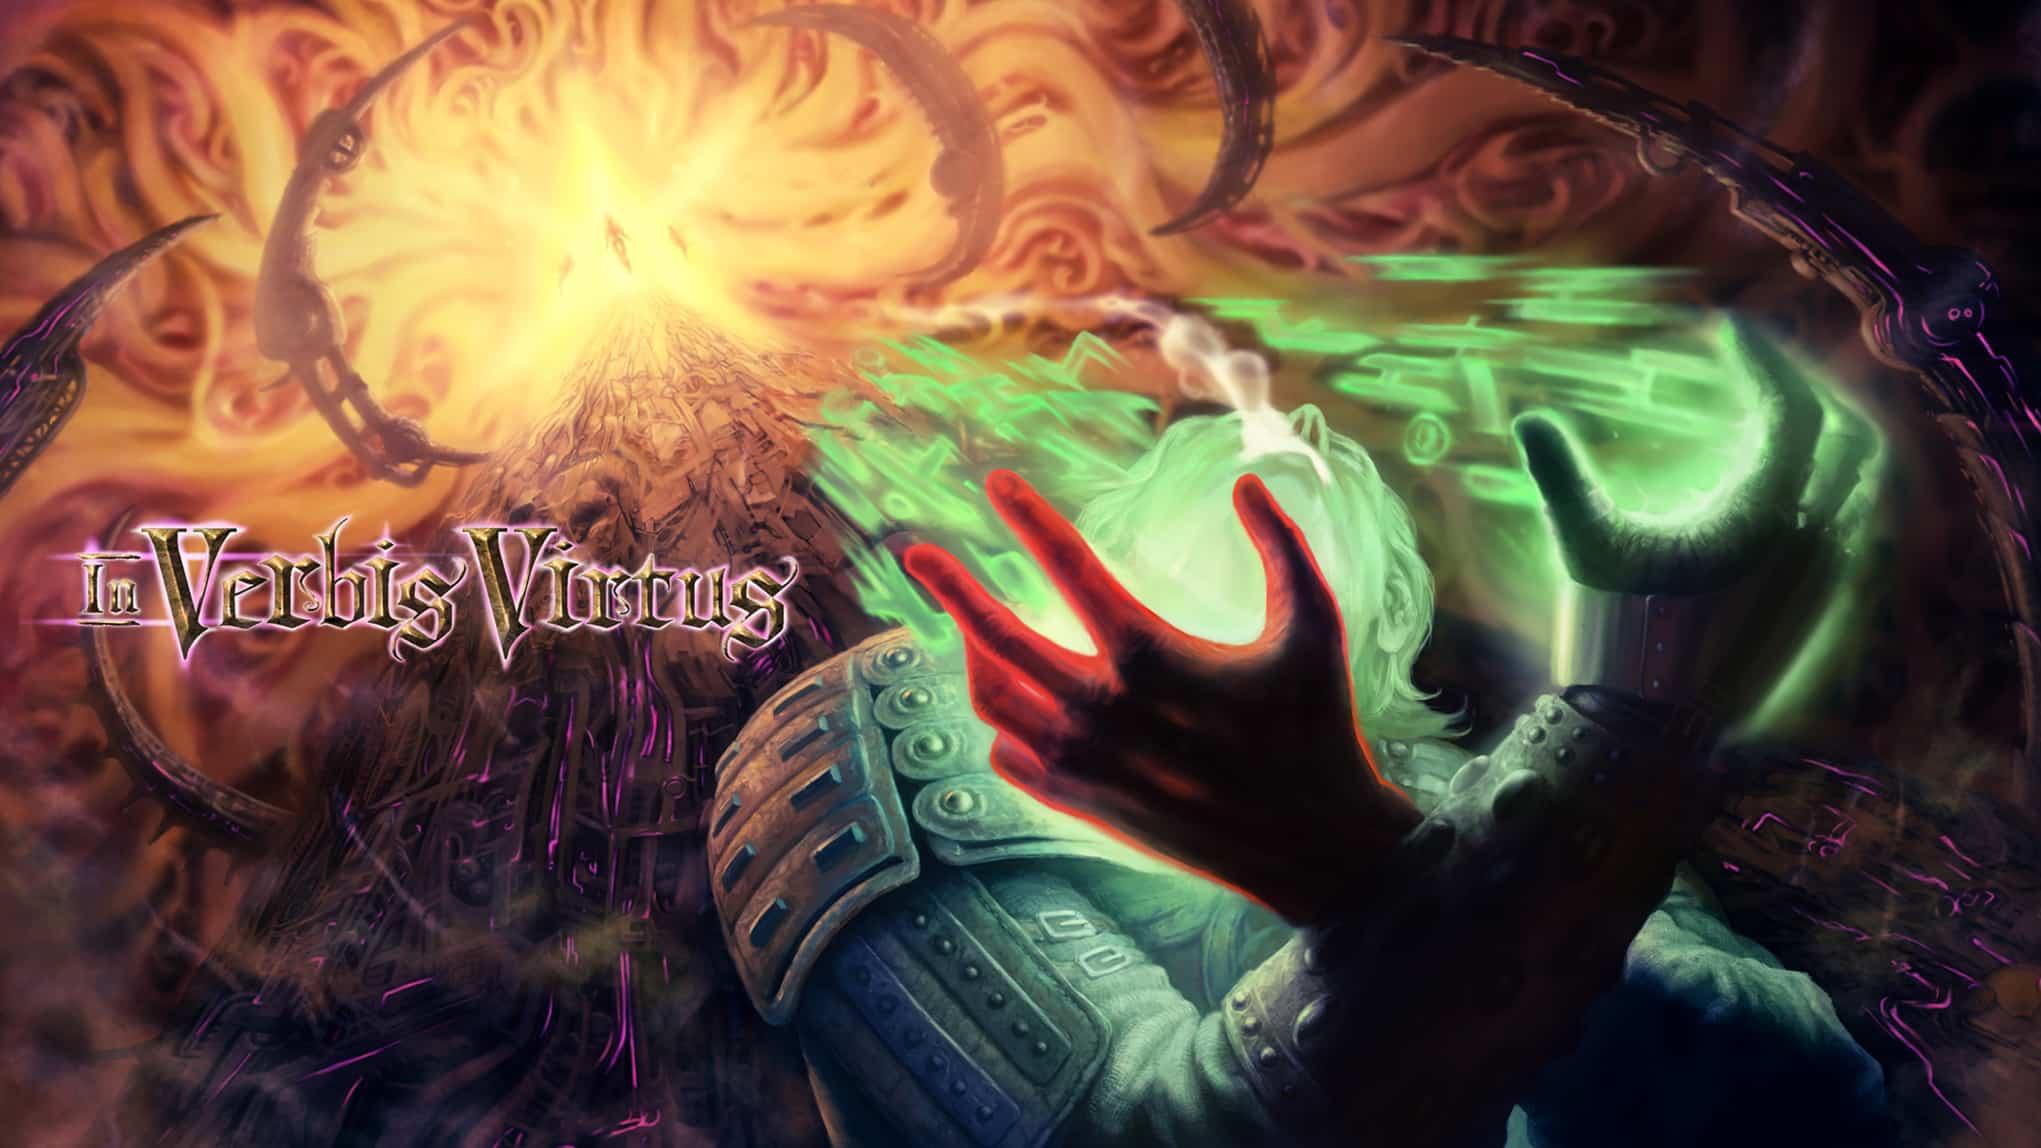 In Verbis Virtus - Intervista  2